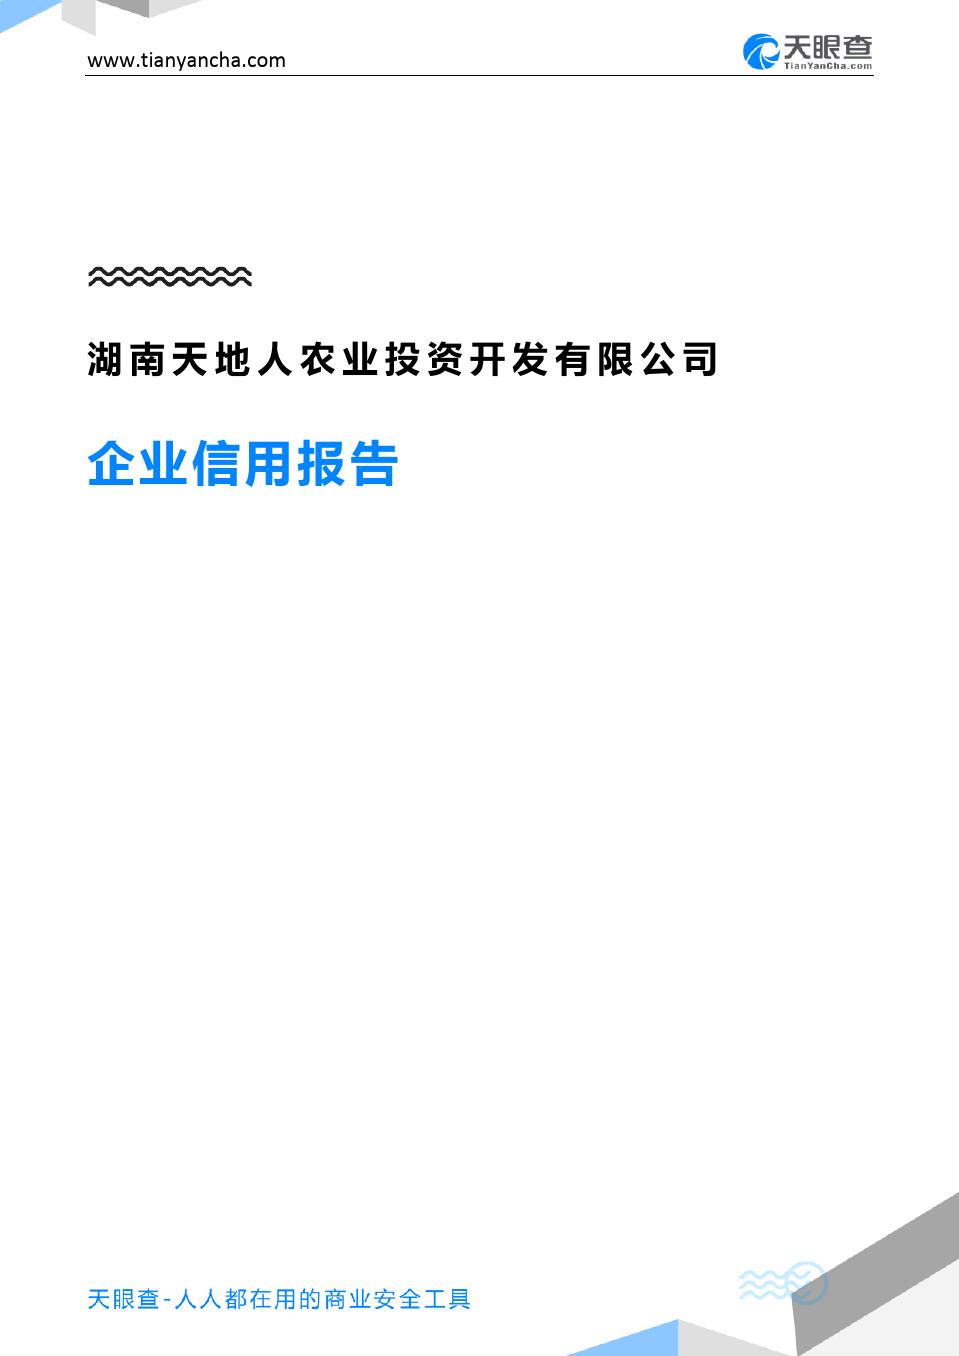 湖南天地人农业投资开发有限公司(企业信用报告)- 天眼查